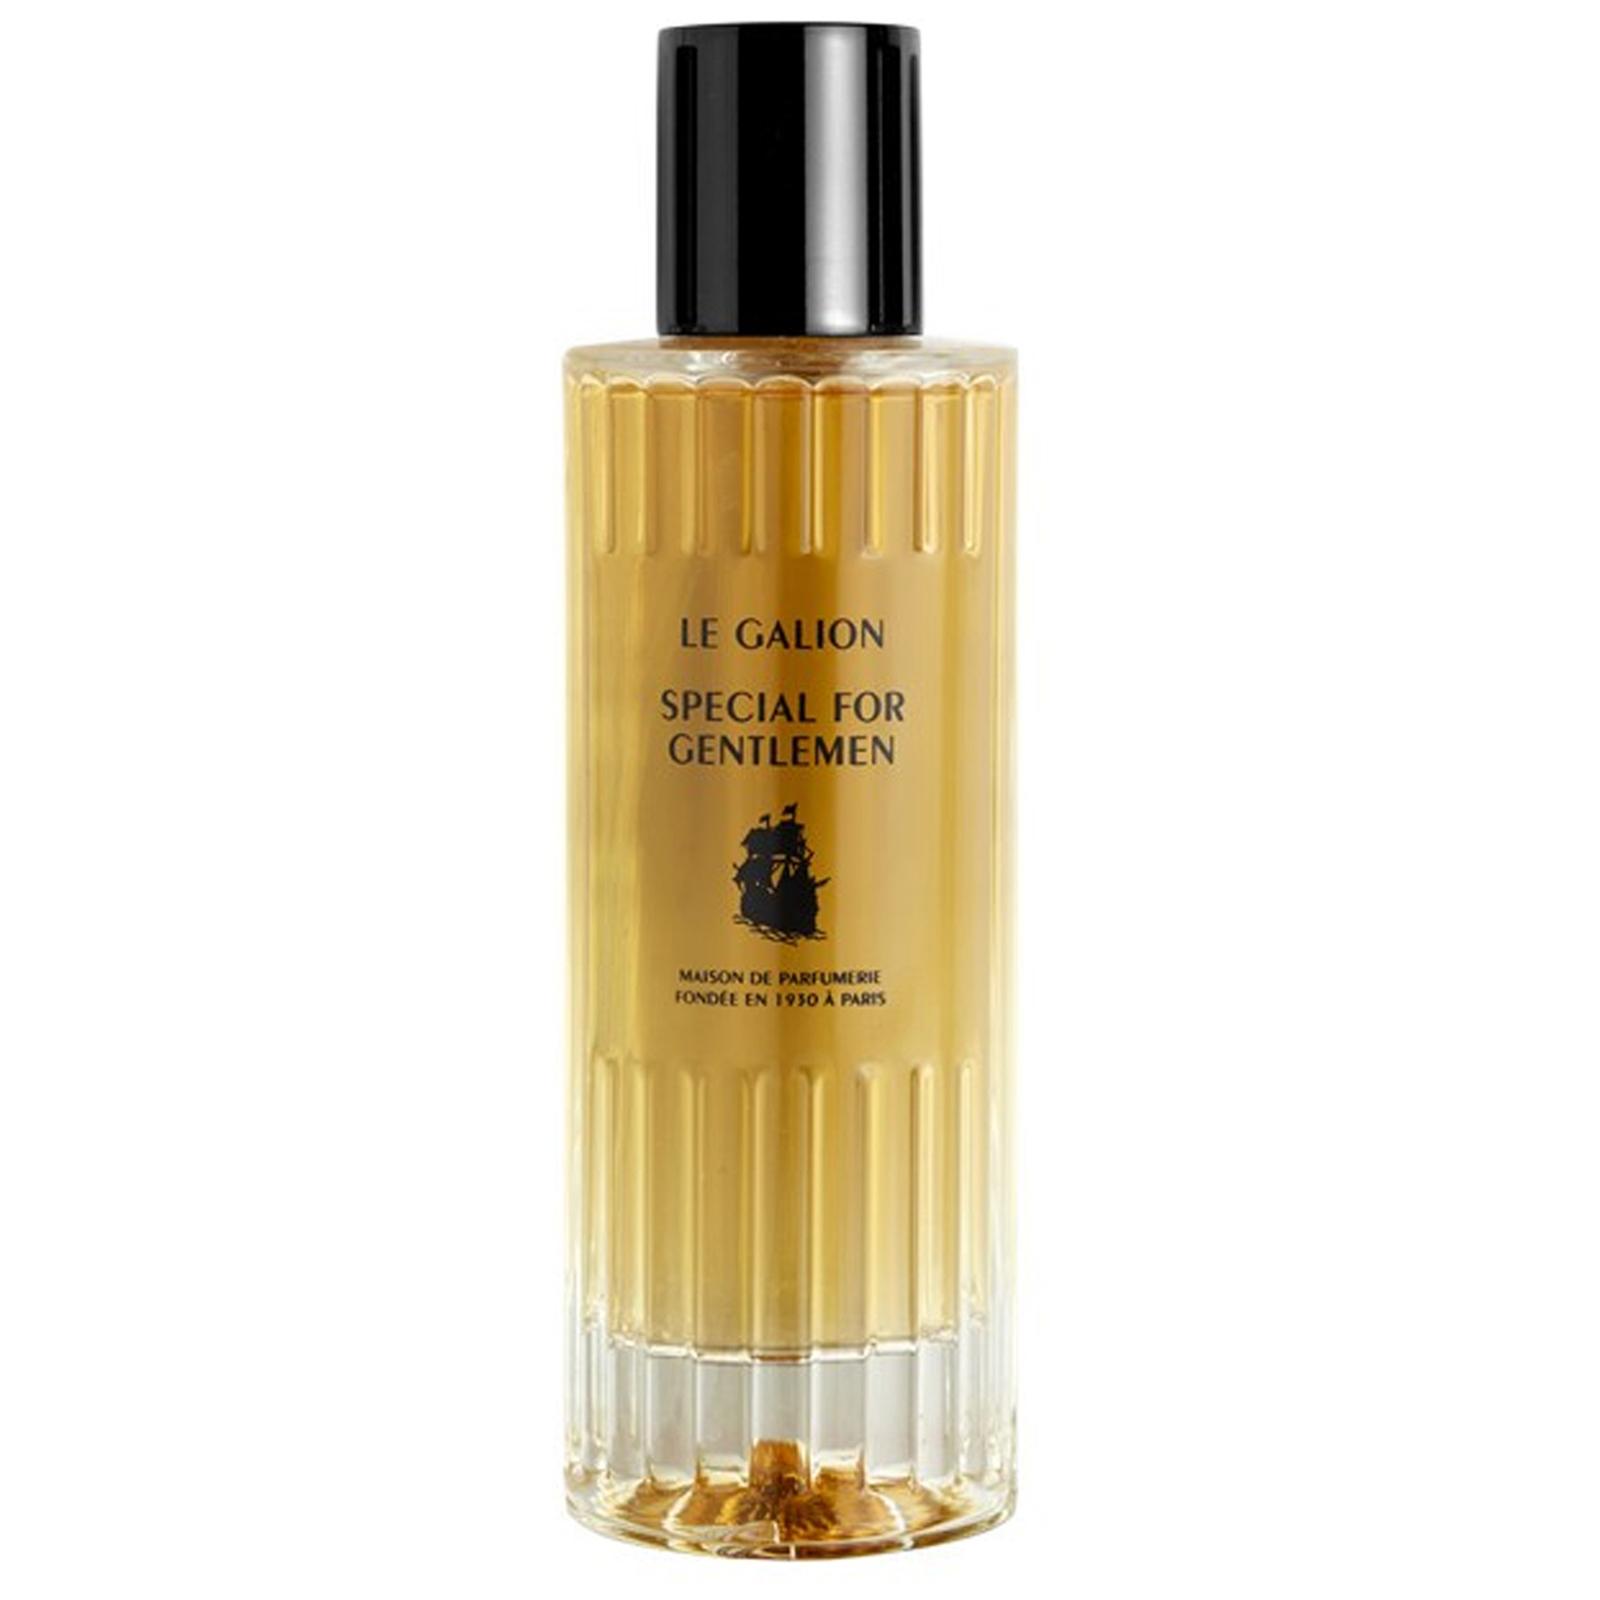 Special for gentlemen profumo eau de parfum 100 ml